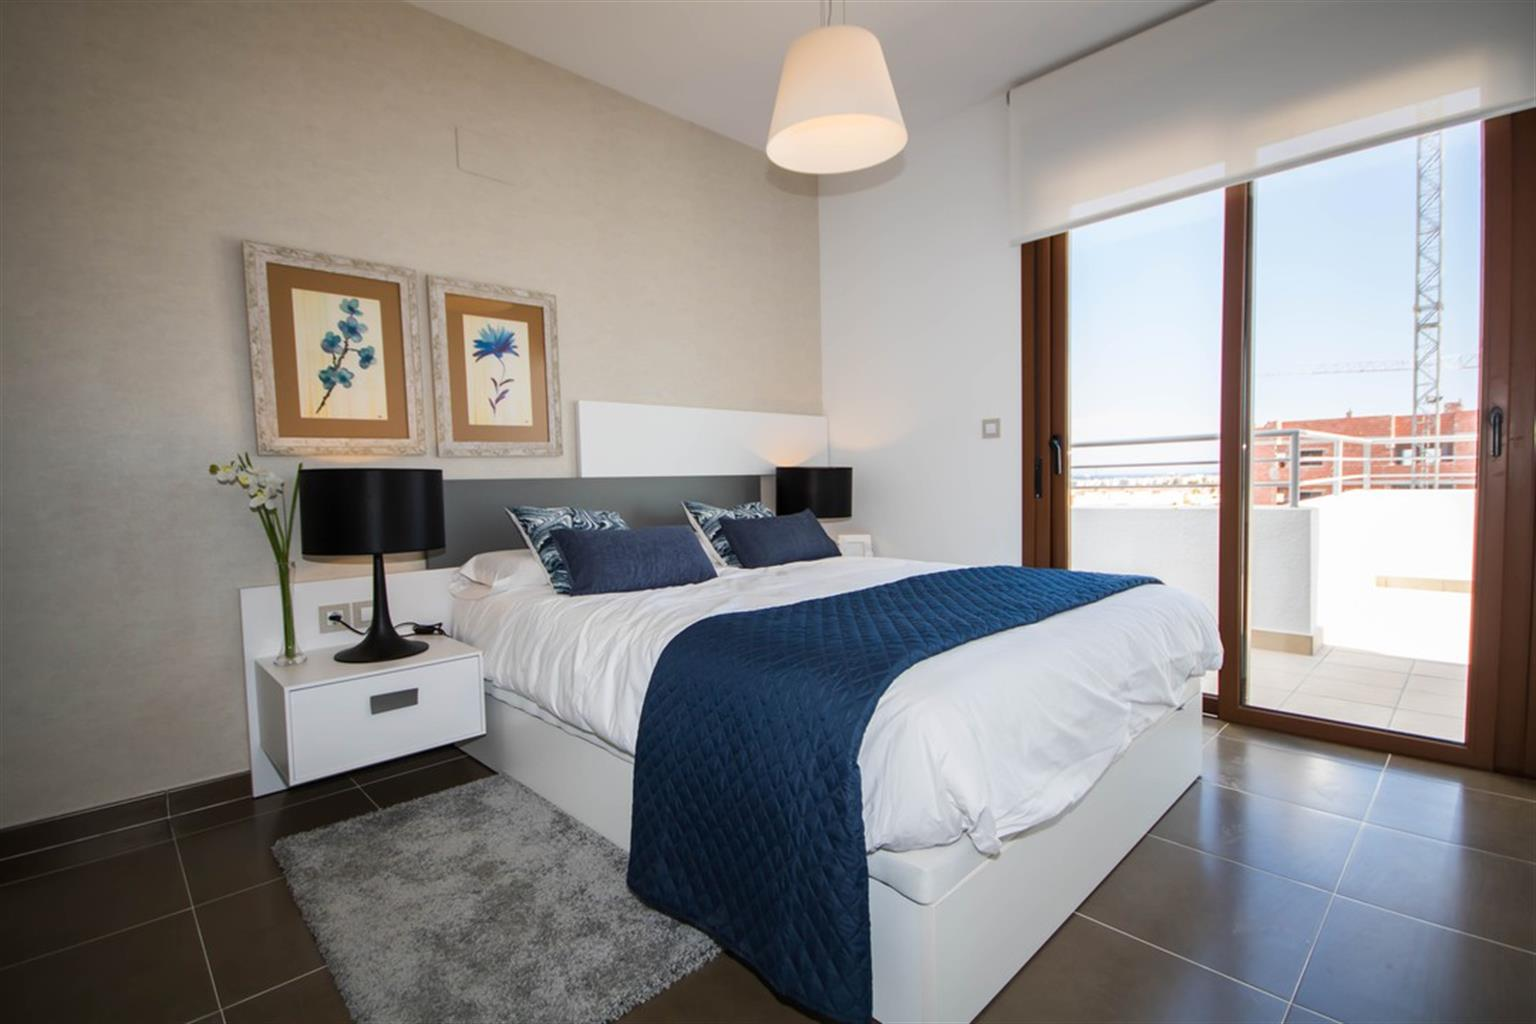 Appartement - Orihuela Costa - #4228409-16